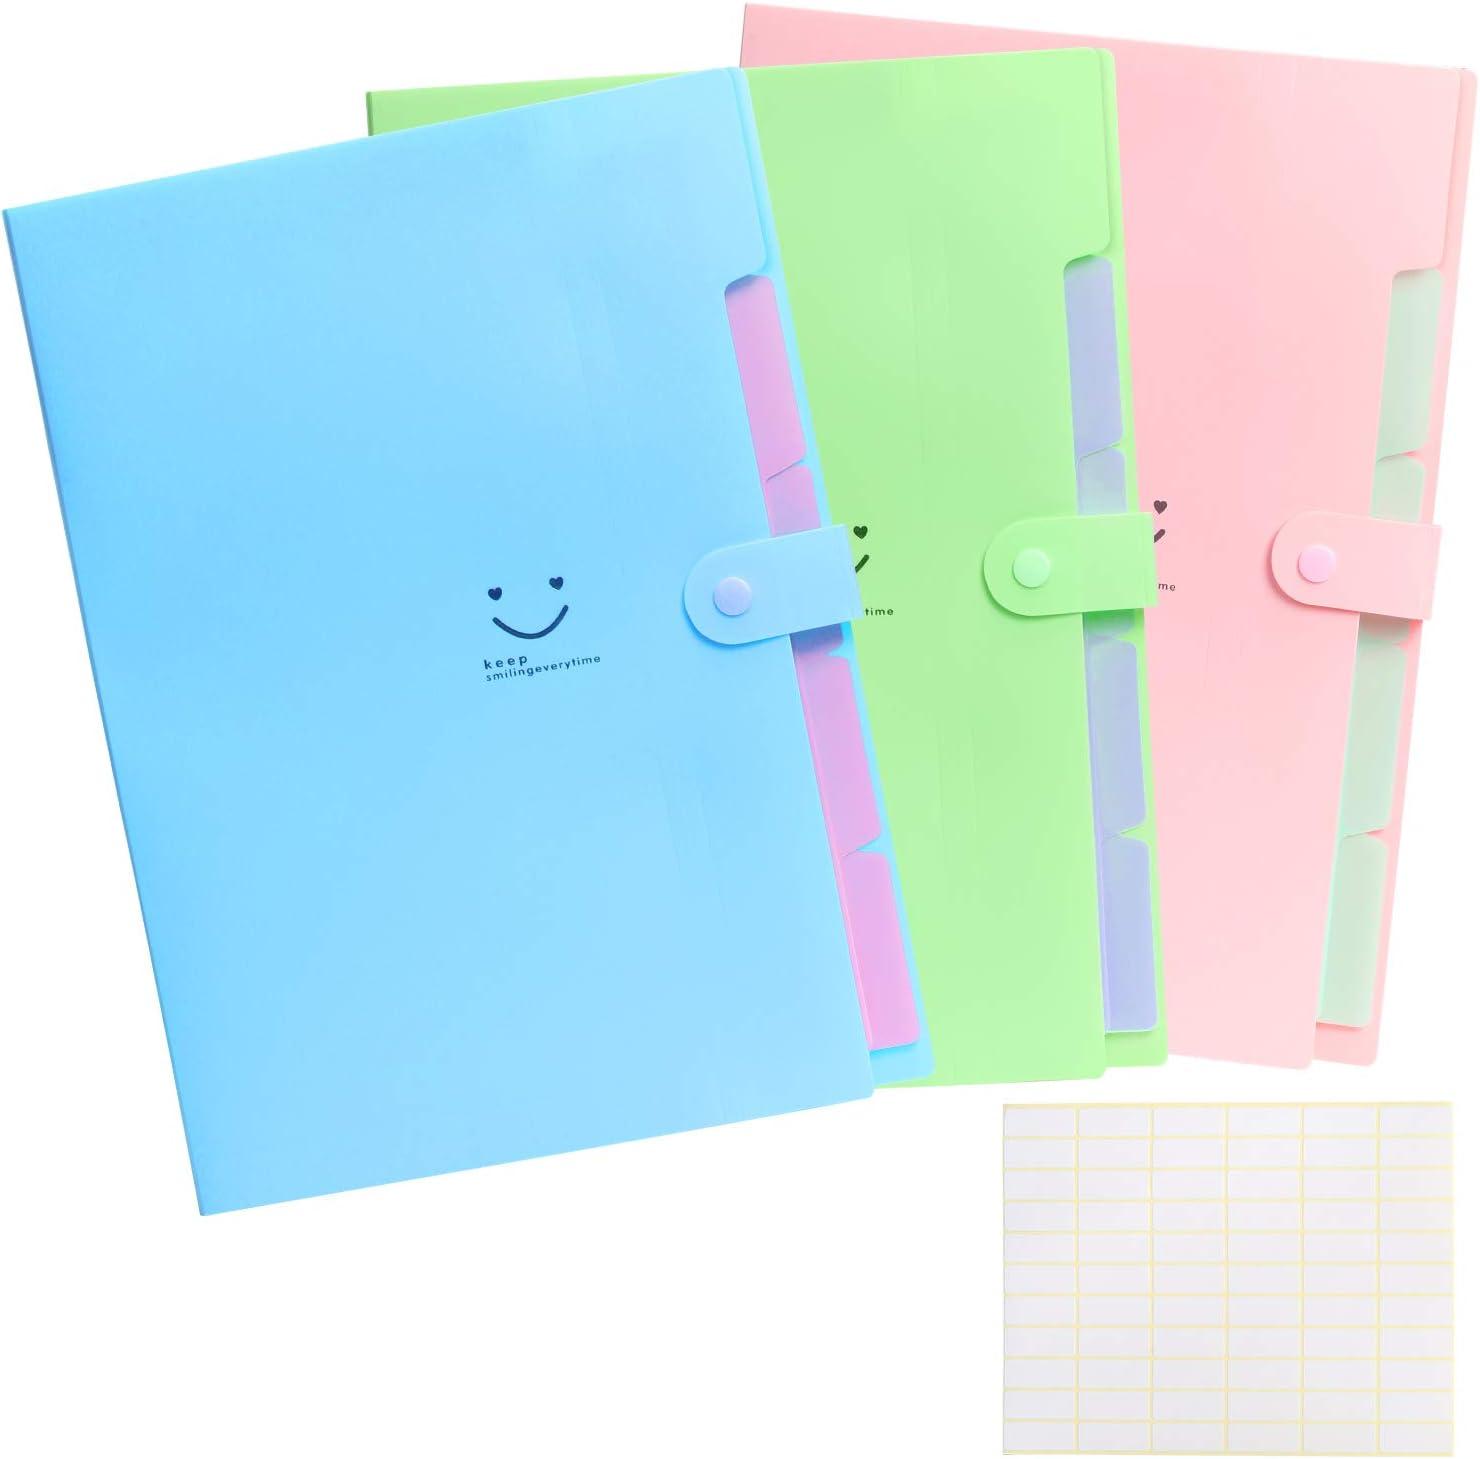 Carpetas de plástico ZERHOK 3pcs cartera plástica Carpetas acordeón expandibles con estresuelo de tres colores para archivar documentos en oficina y clase